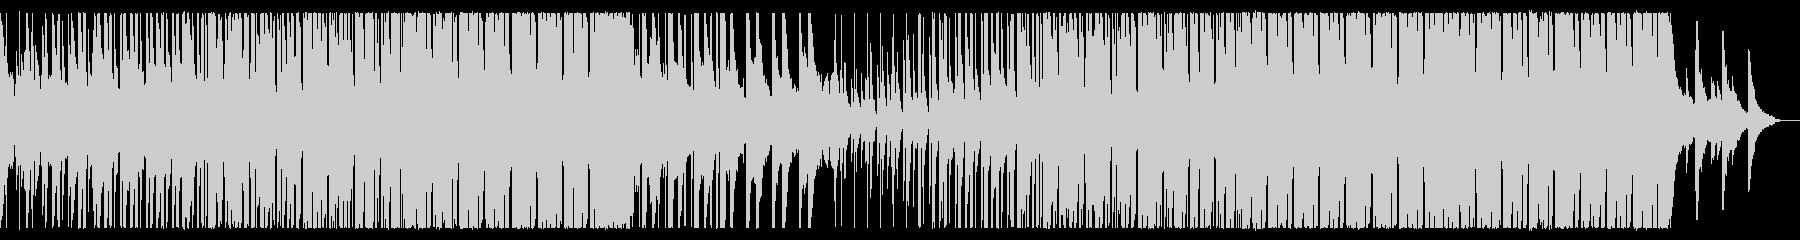 夏を感じる爽やかなトロピカルハウスEDMの未再生の波形